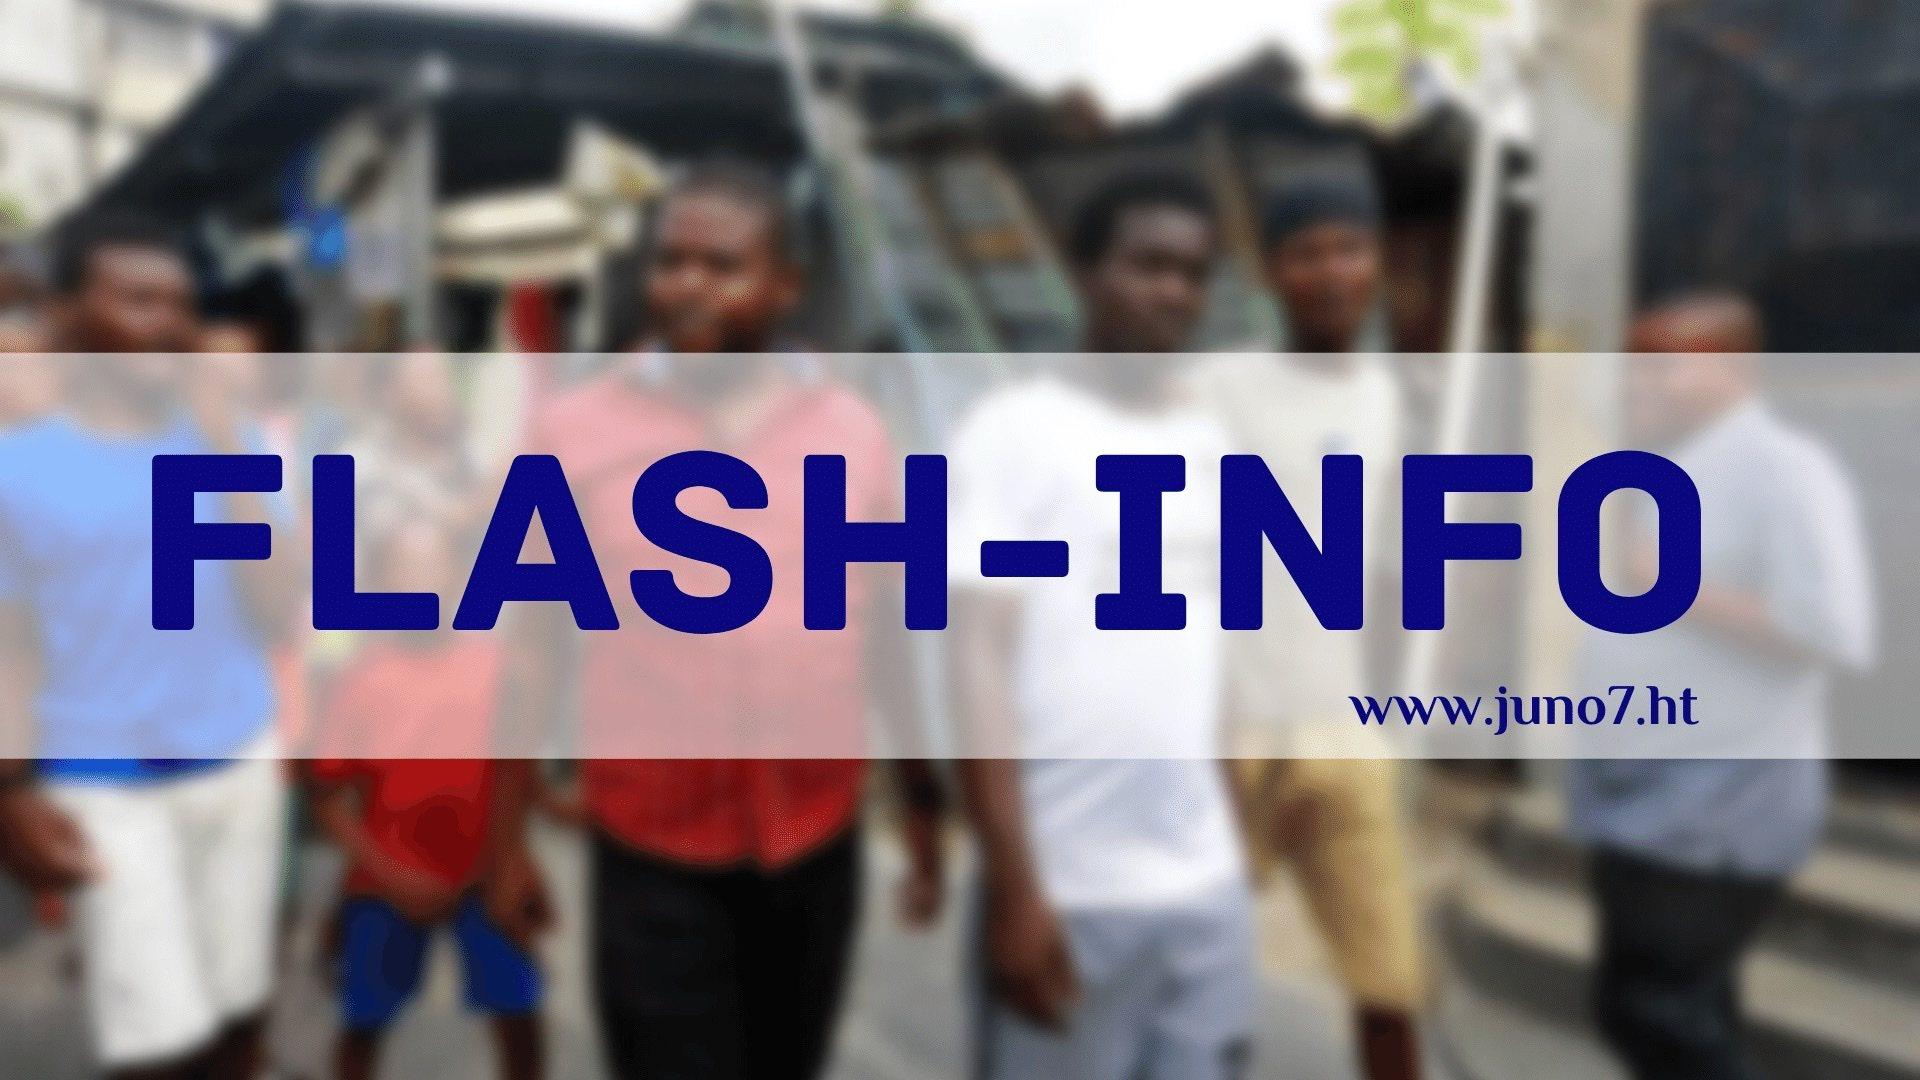 Les gangs du G9 imposent leur loi dans la capitale haïtienne